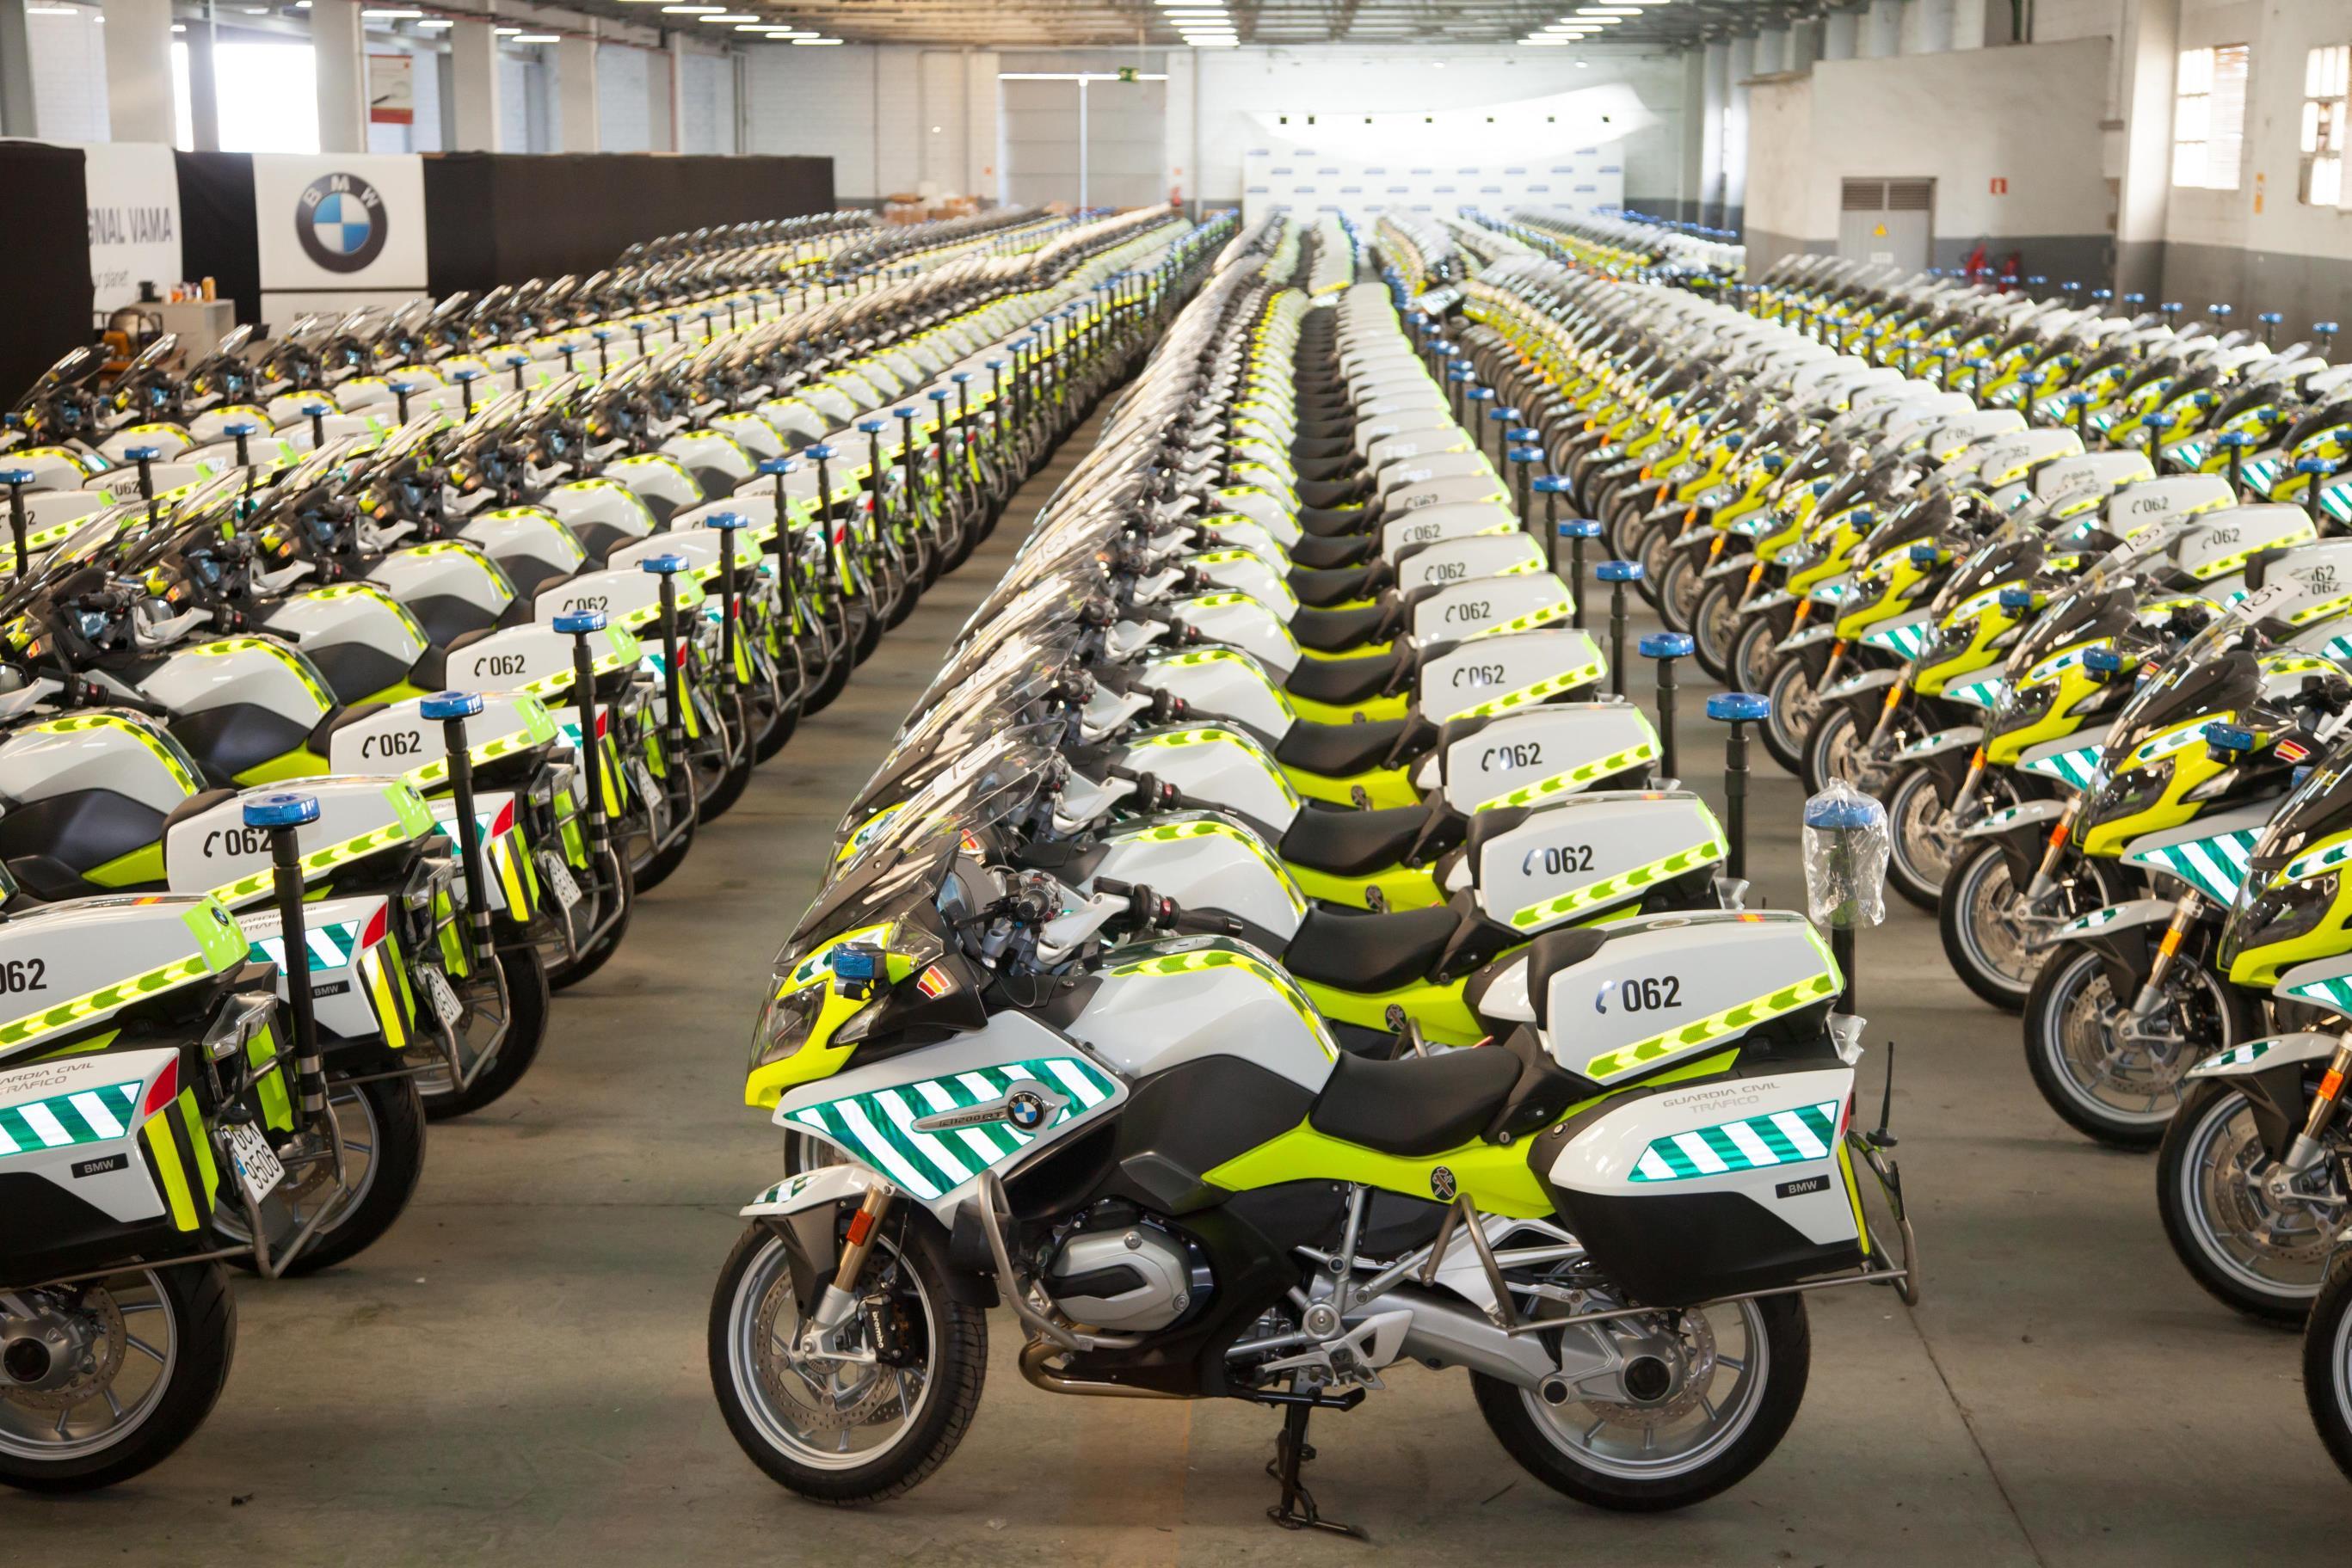 Las nuevas motos de la Guardia Civil